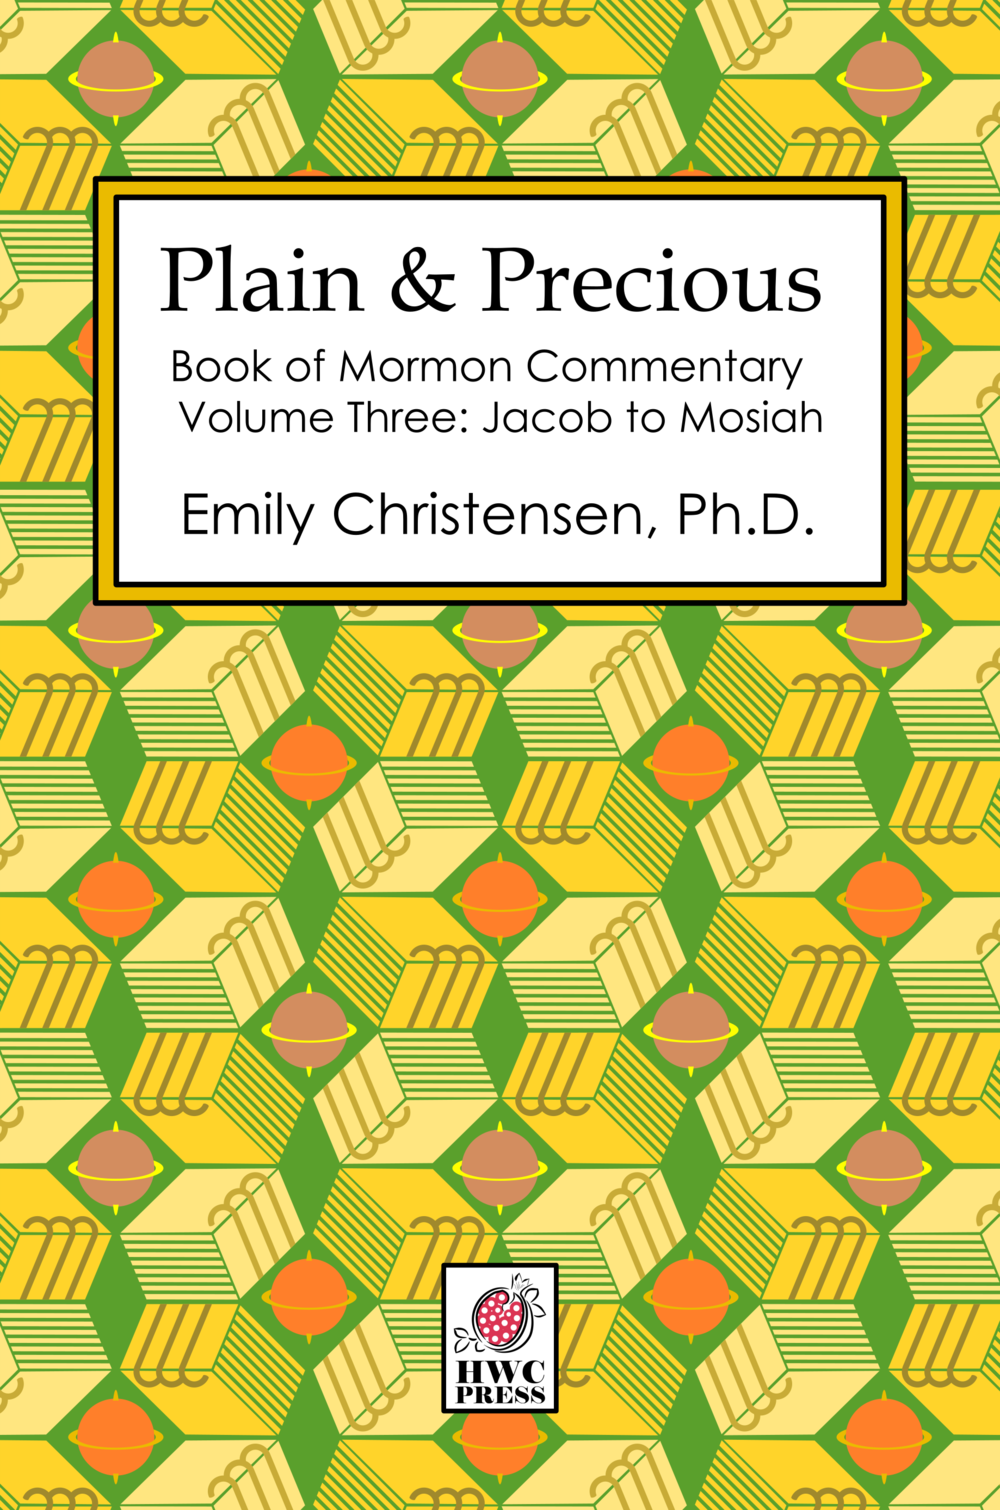 Plain&Precious PrintFrontCover3.png